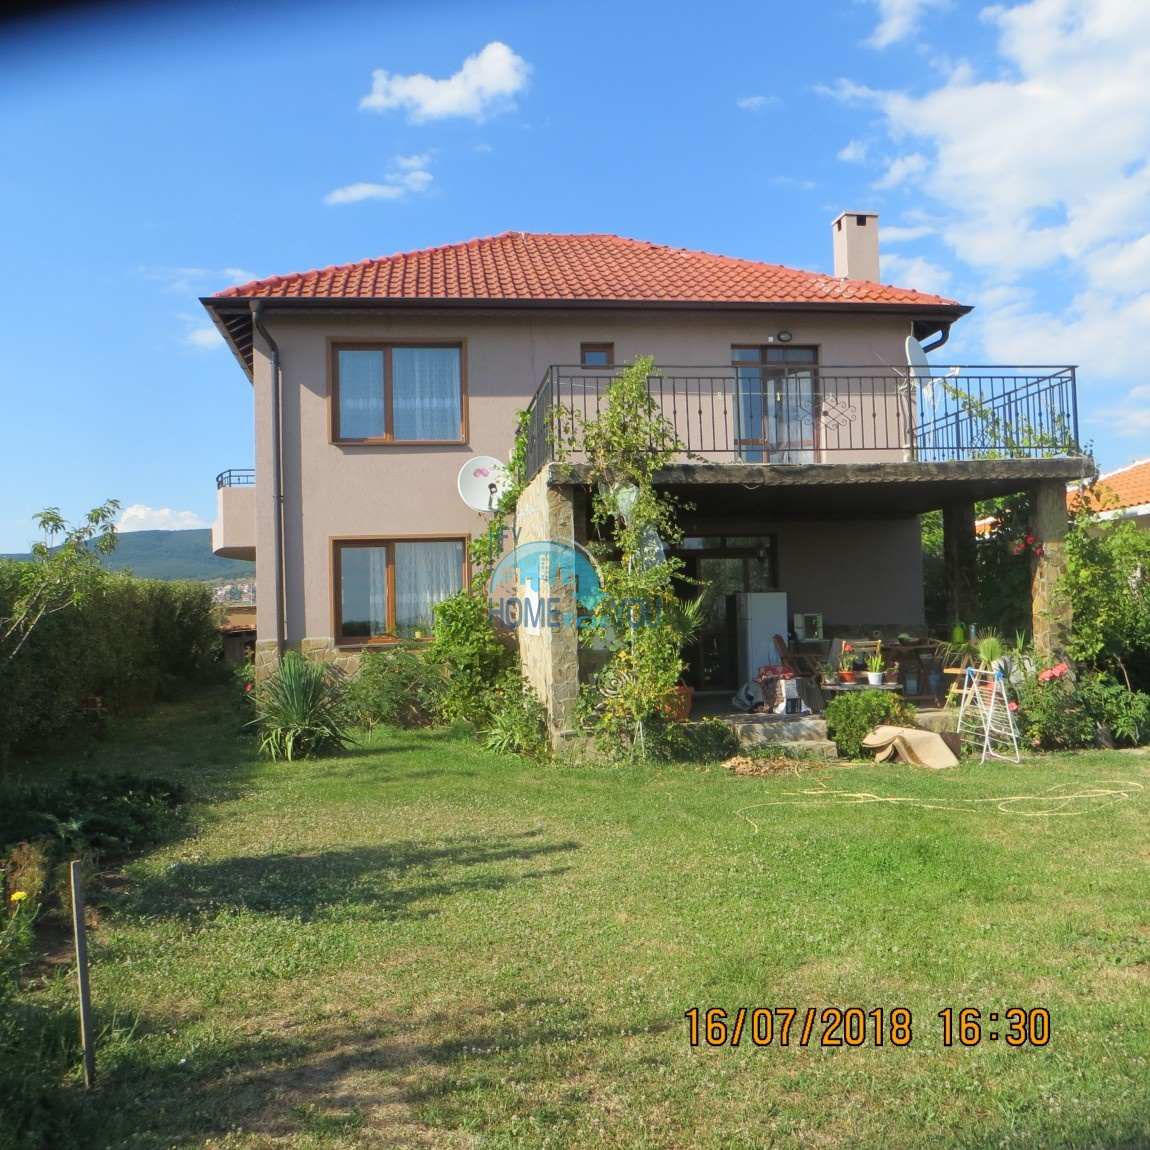 Дом в районе Кошарицы по исключительно заниженной стоимости